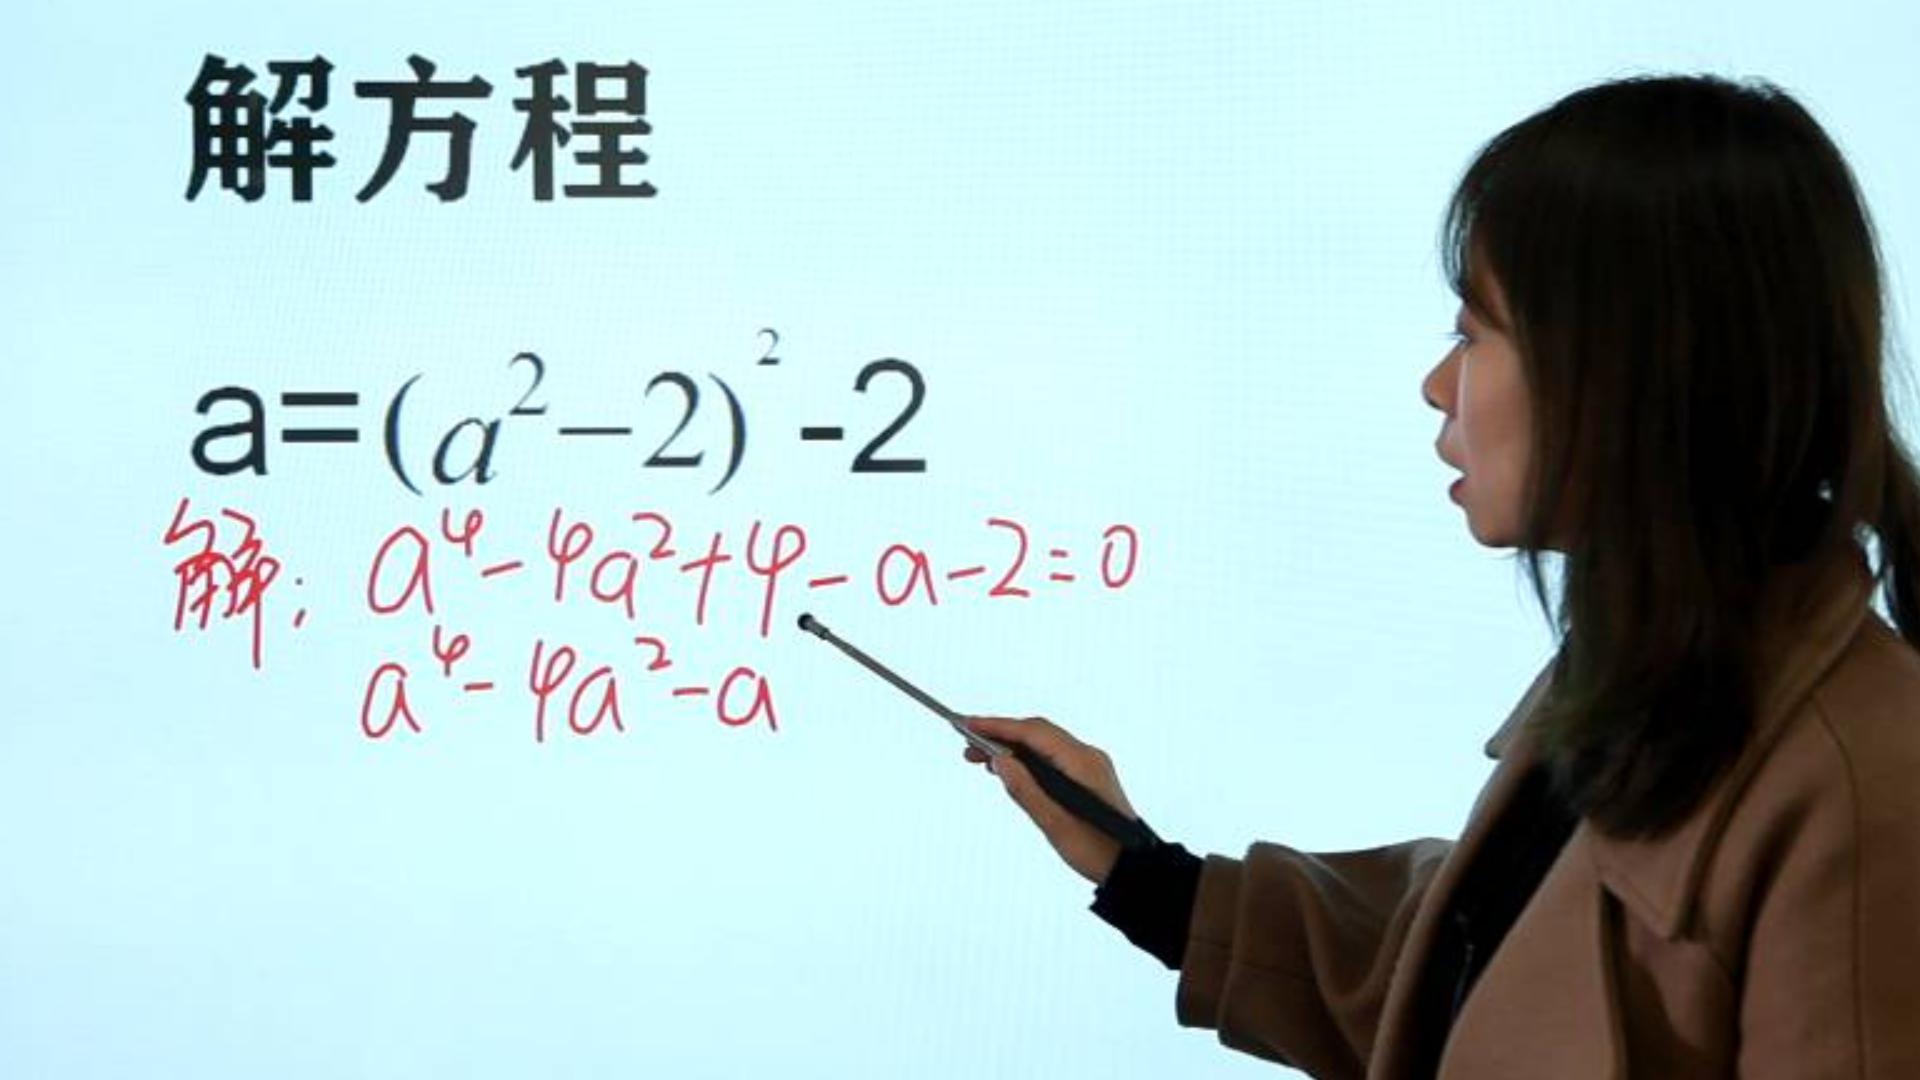 北京市竞赛题,求方程a=(a^2-2)^2-2,一看就不会,怎么解?